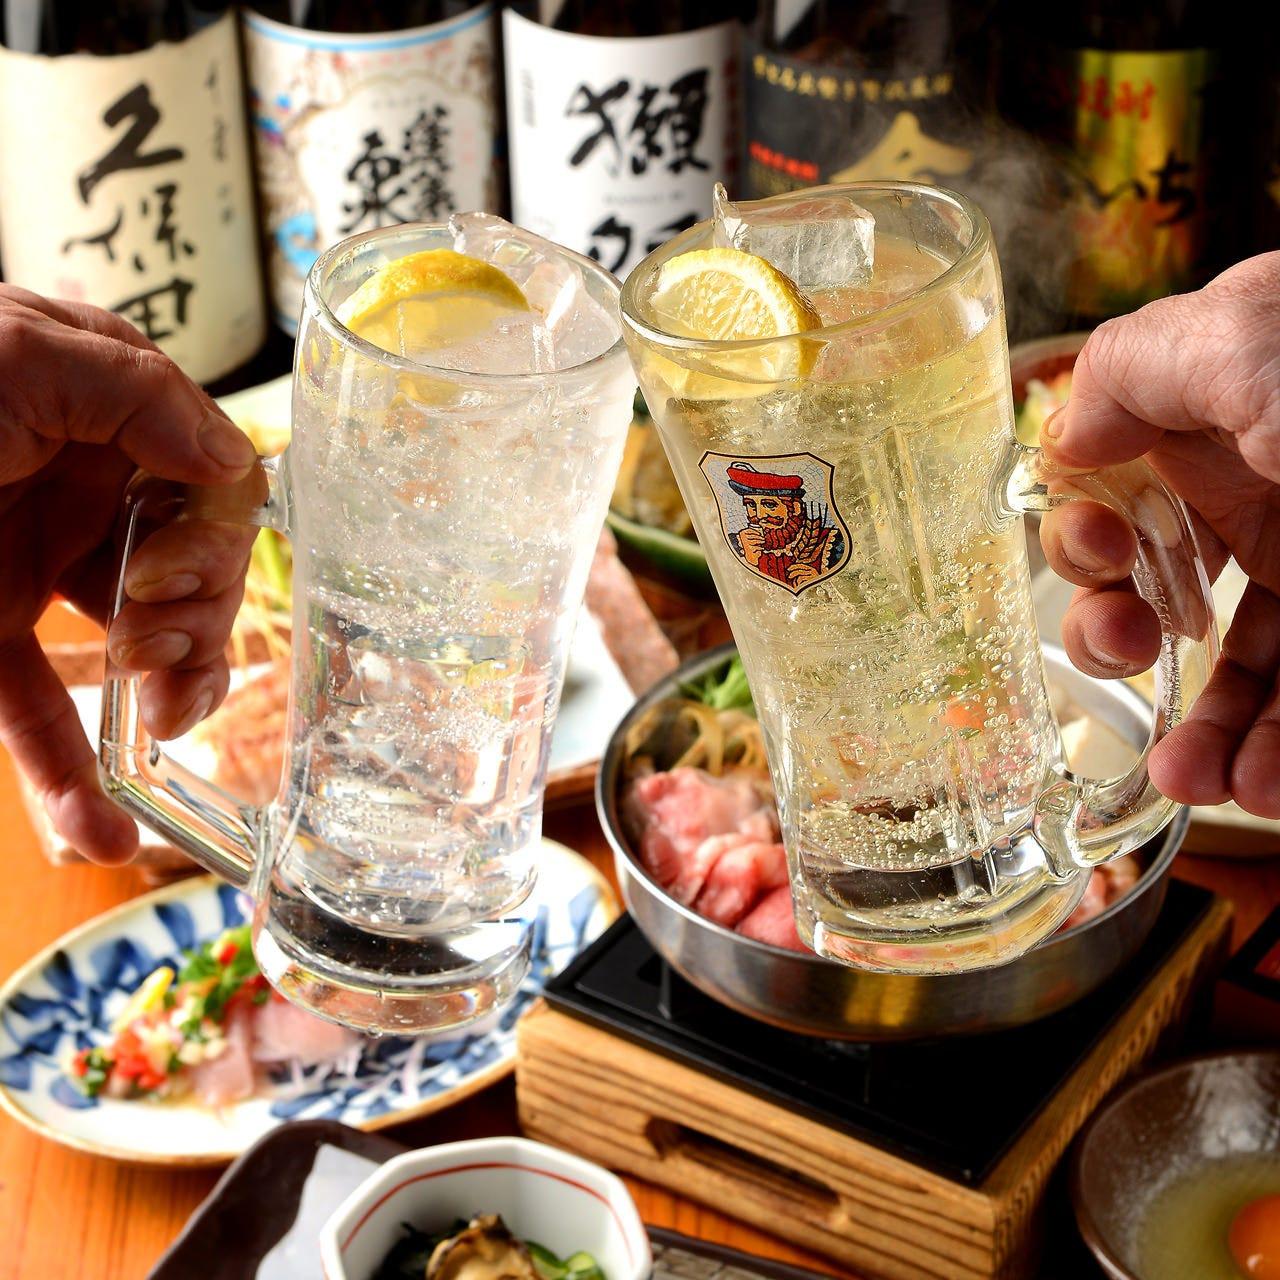 レモンサワー60分飲み放題が500円!